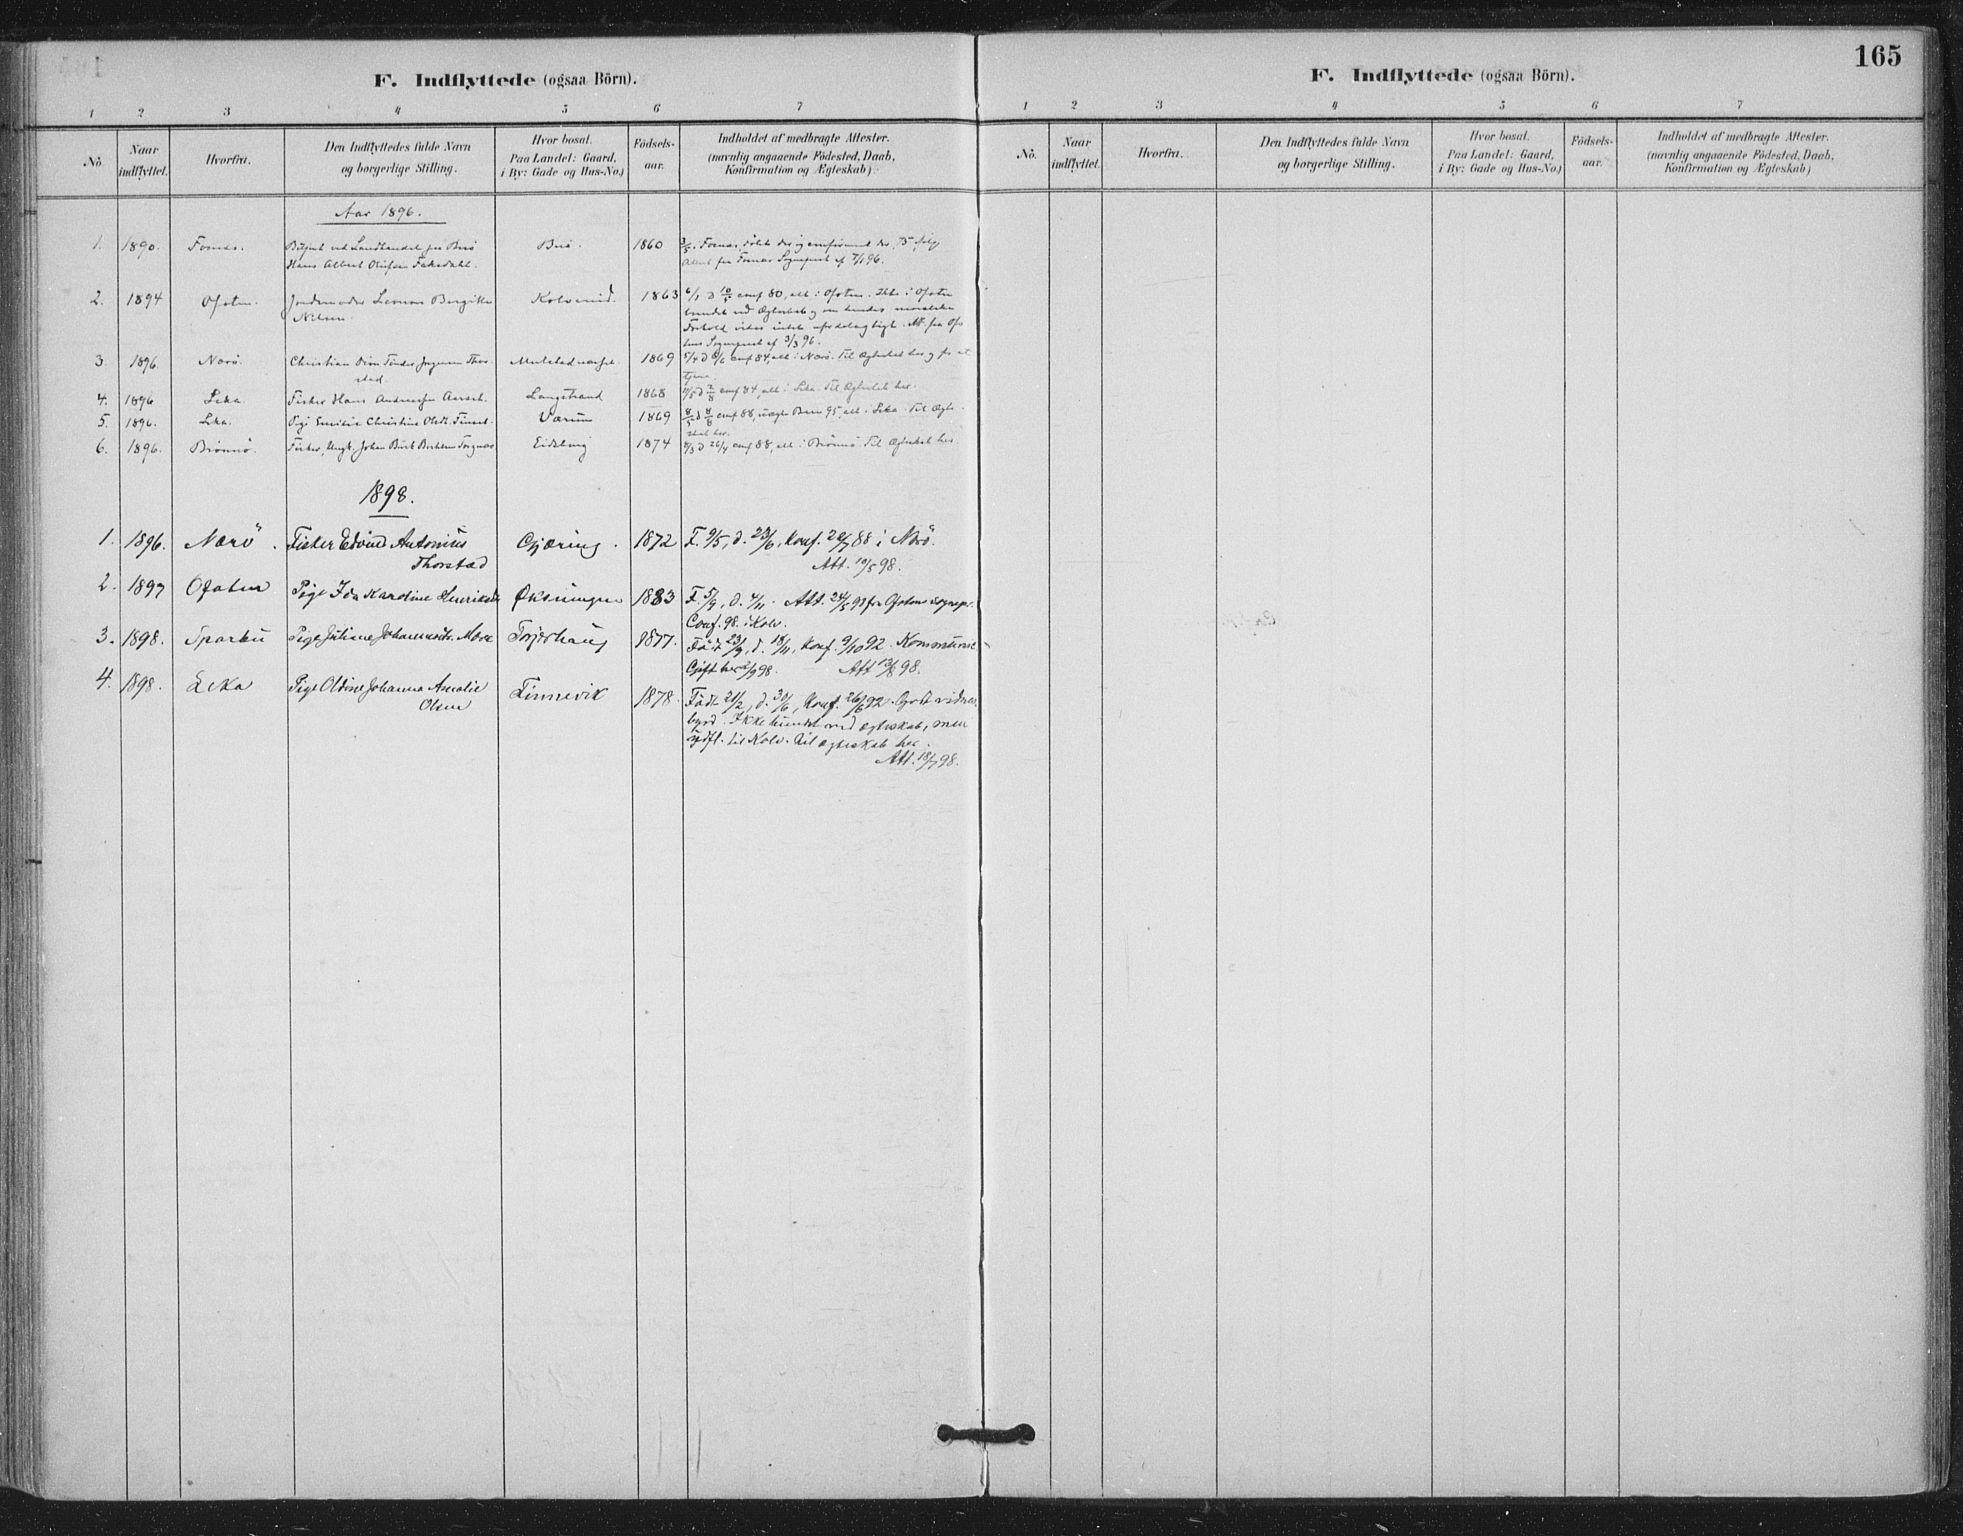 SAT, Ministerialprotokoller, klokkerbøker og fødselsregistre - Nord-Trøndelag, 780/L0644: Ministerialbok nr. 780A08, 1886-1903, s. 165